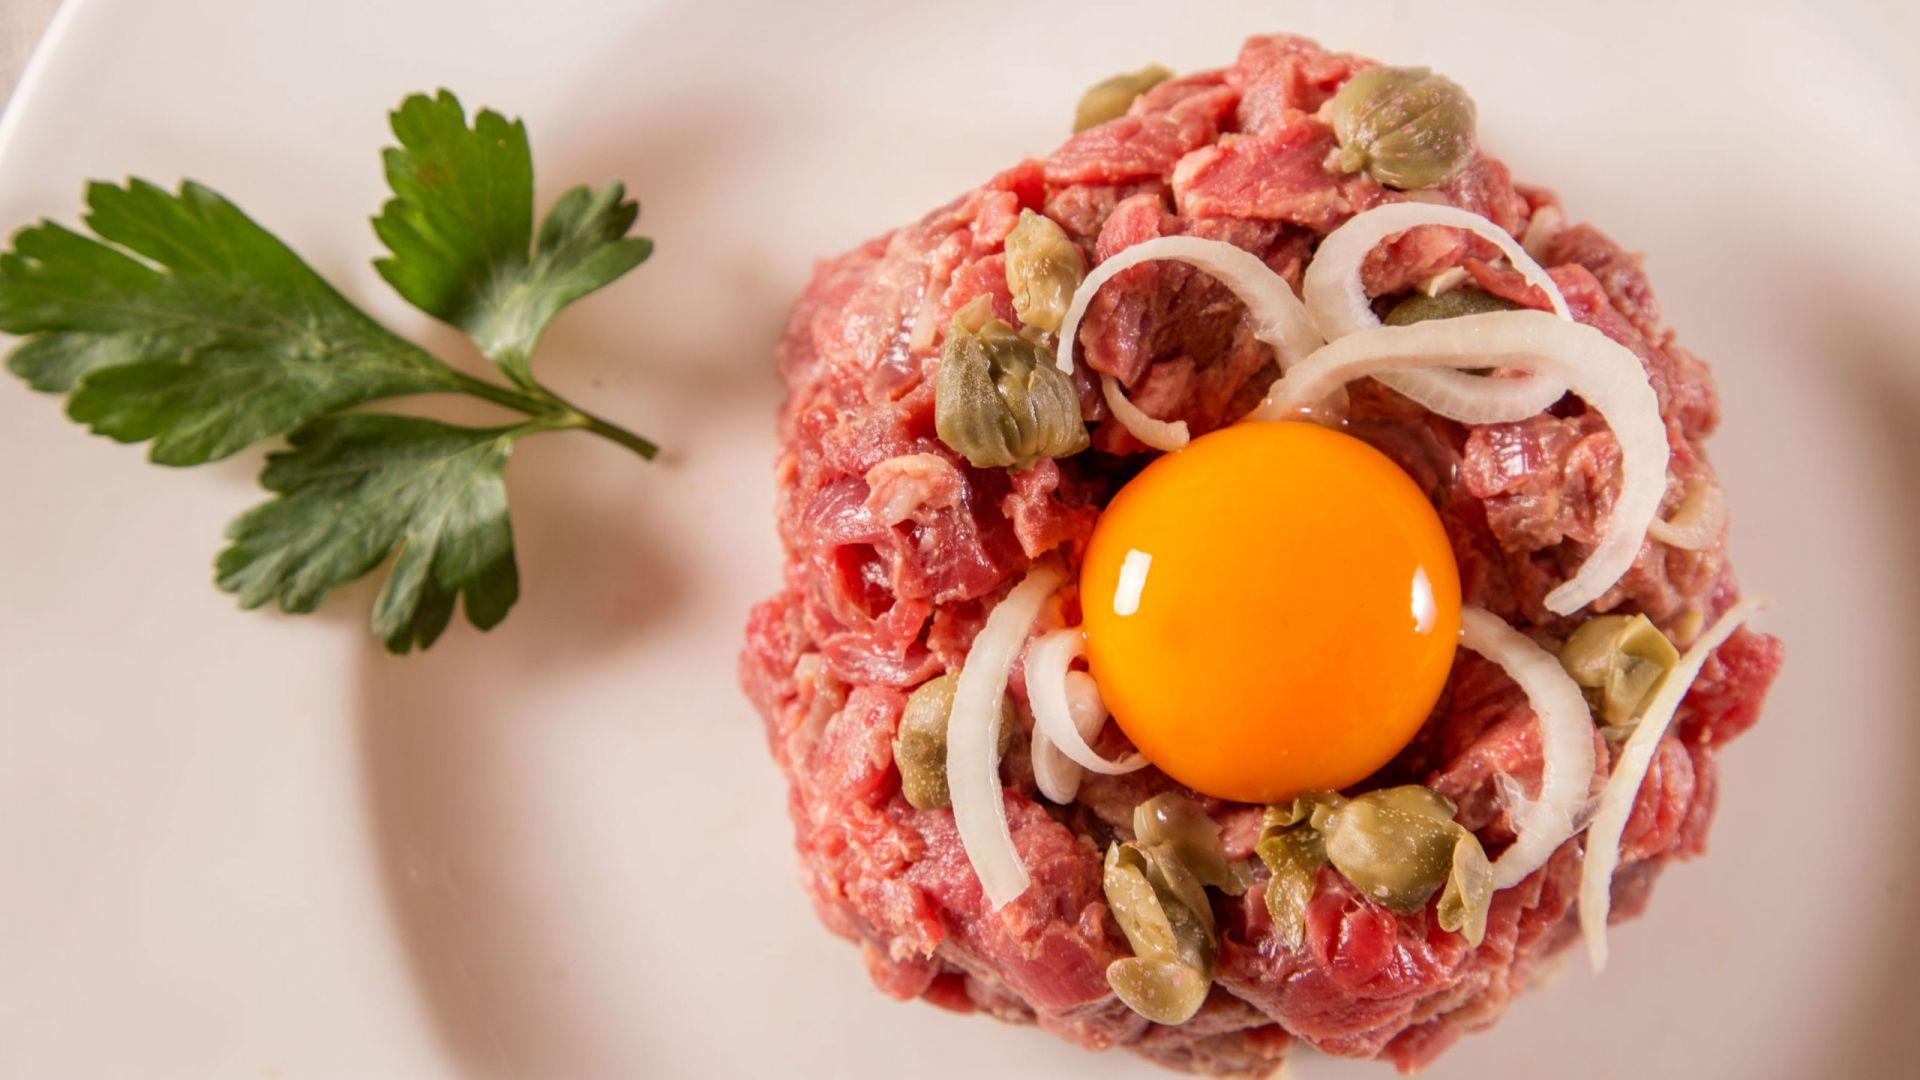 albergo-ottocento-rome-nourriture-09